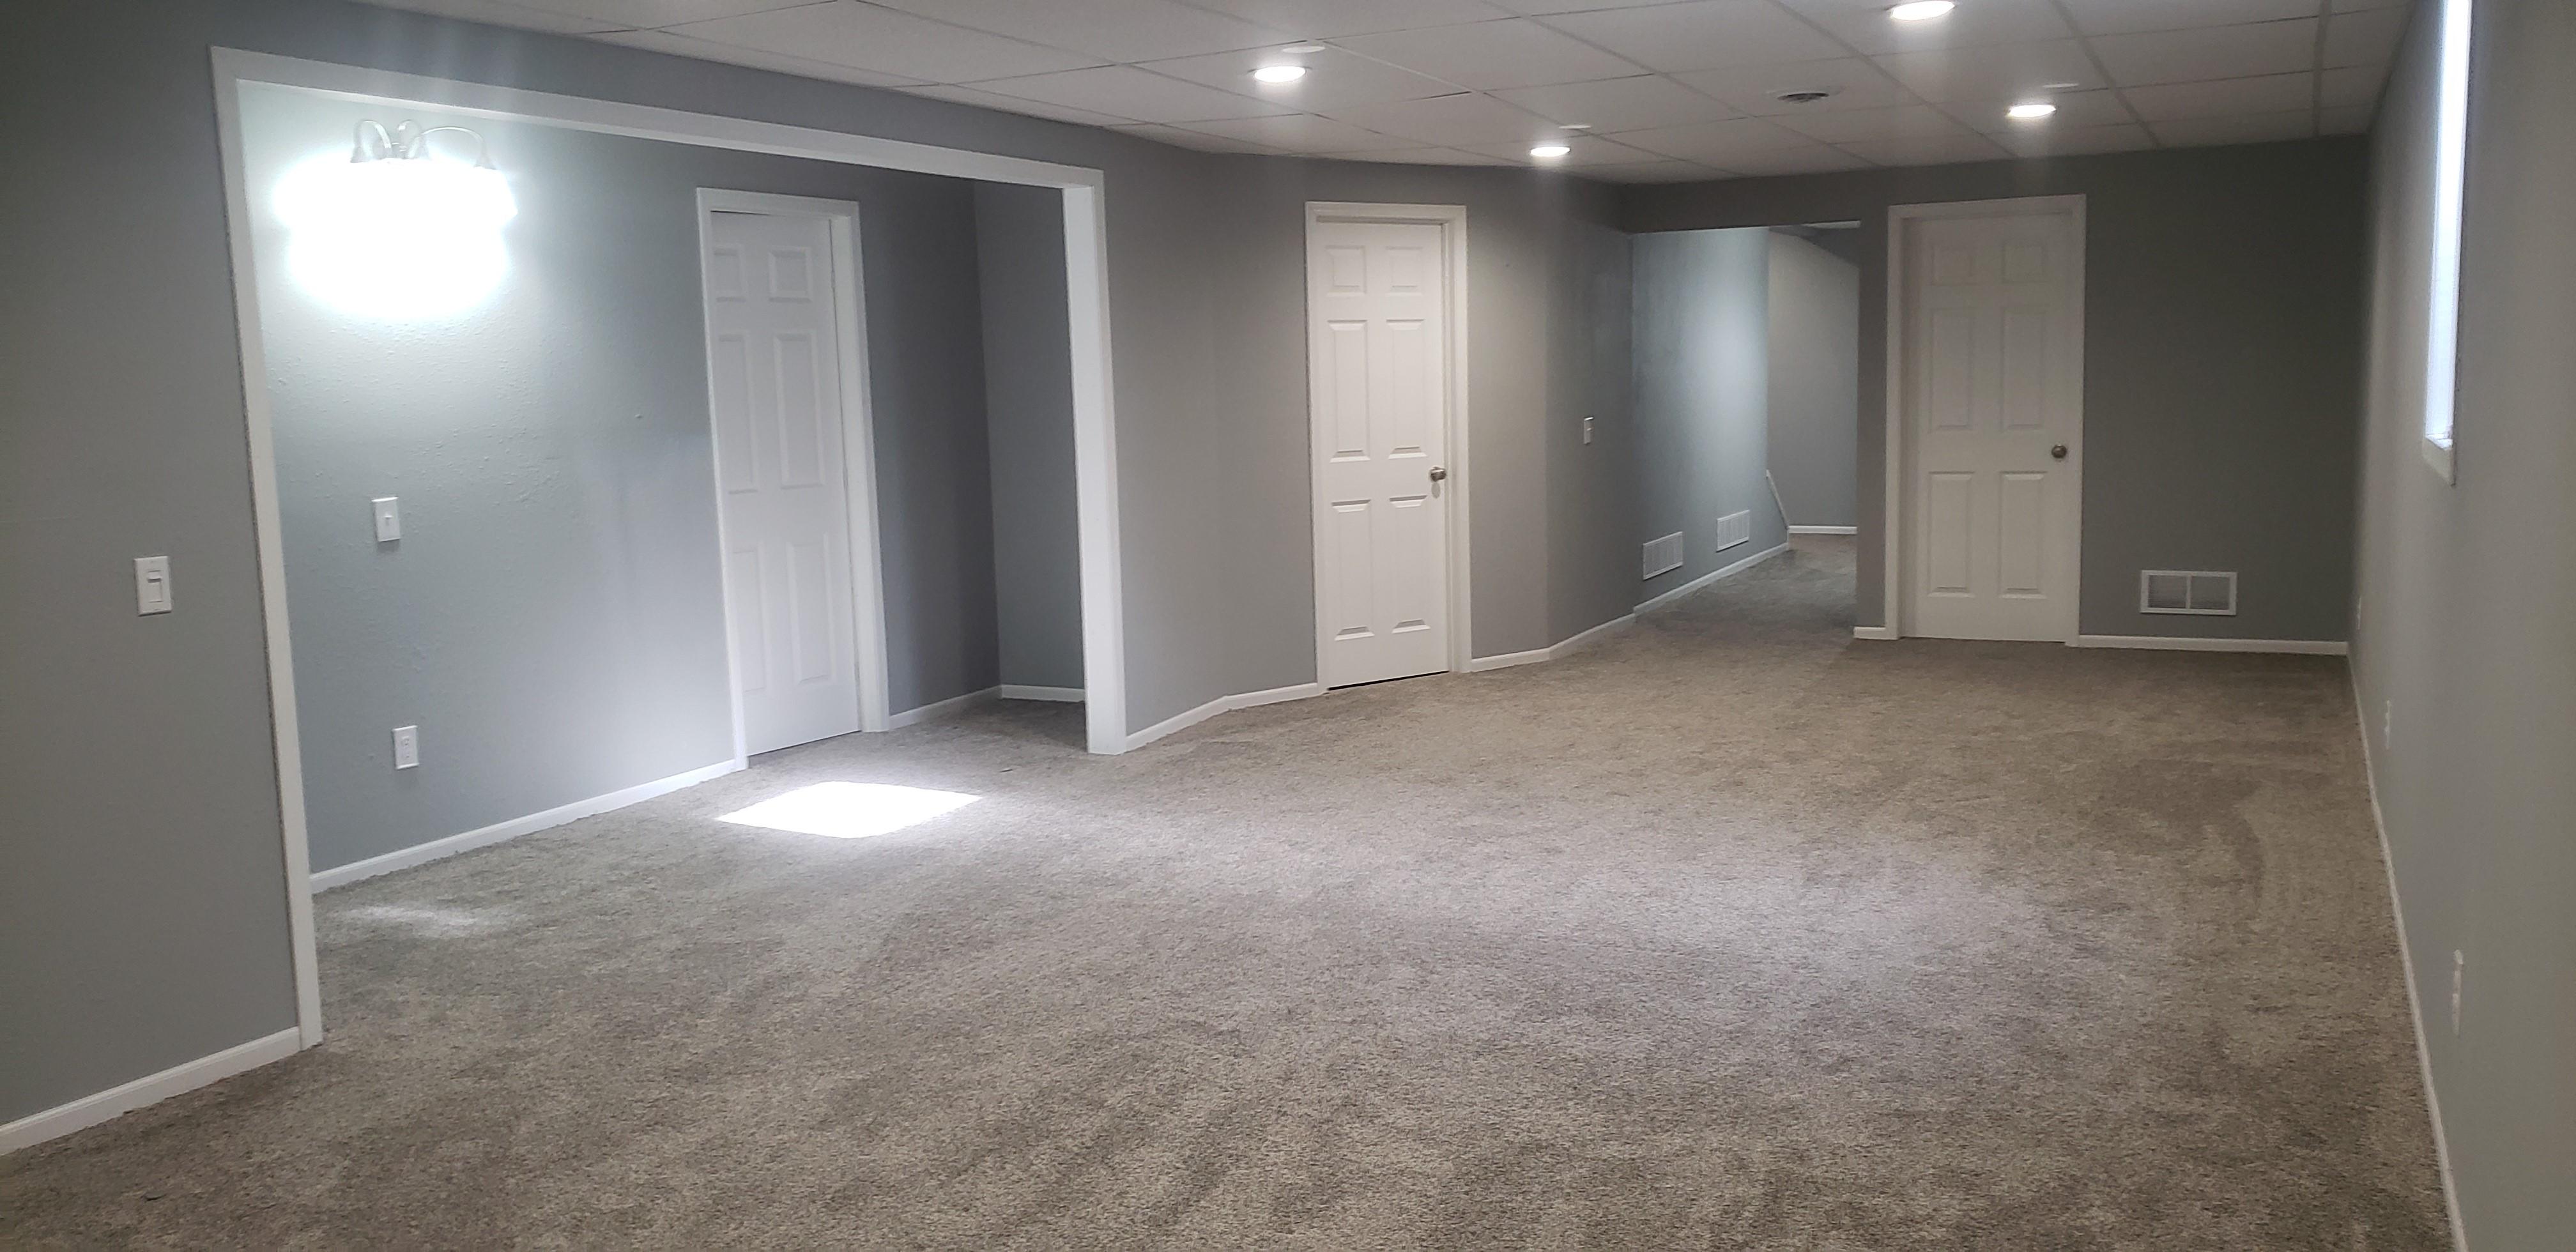 Basement Family Room (2)